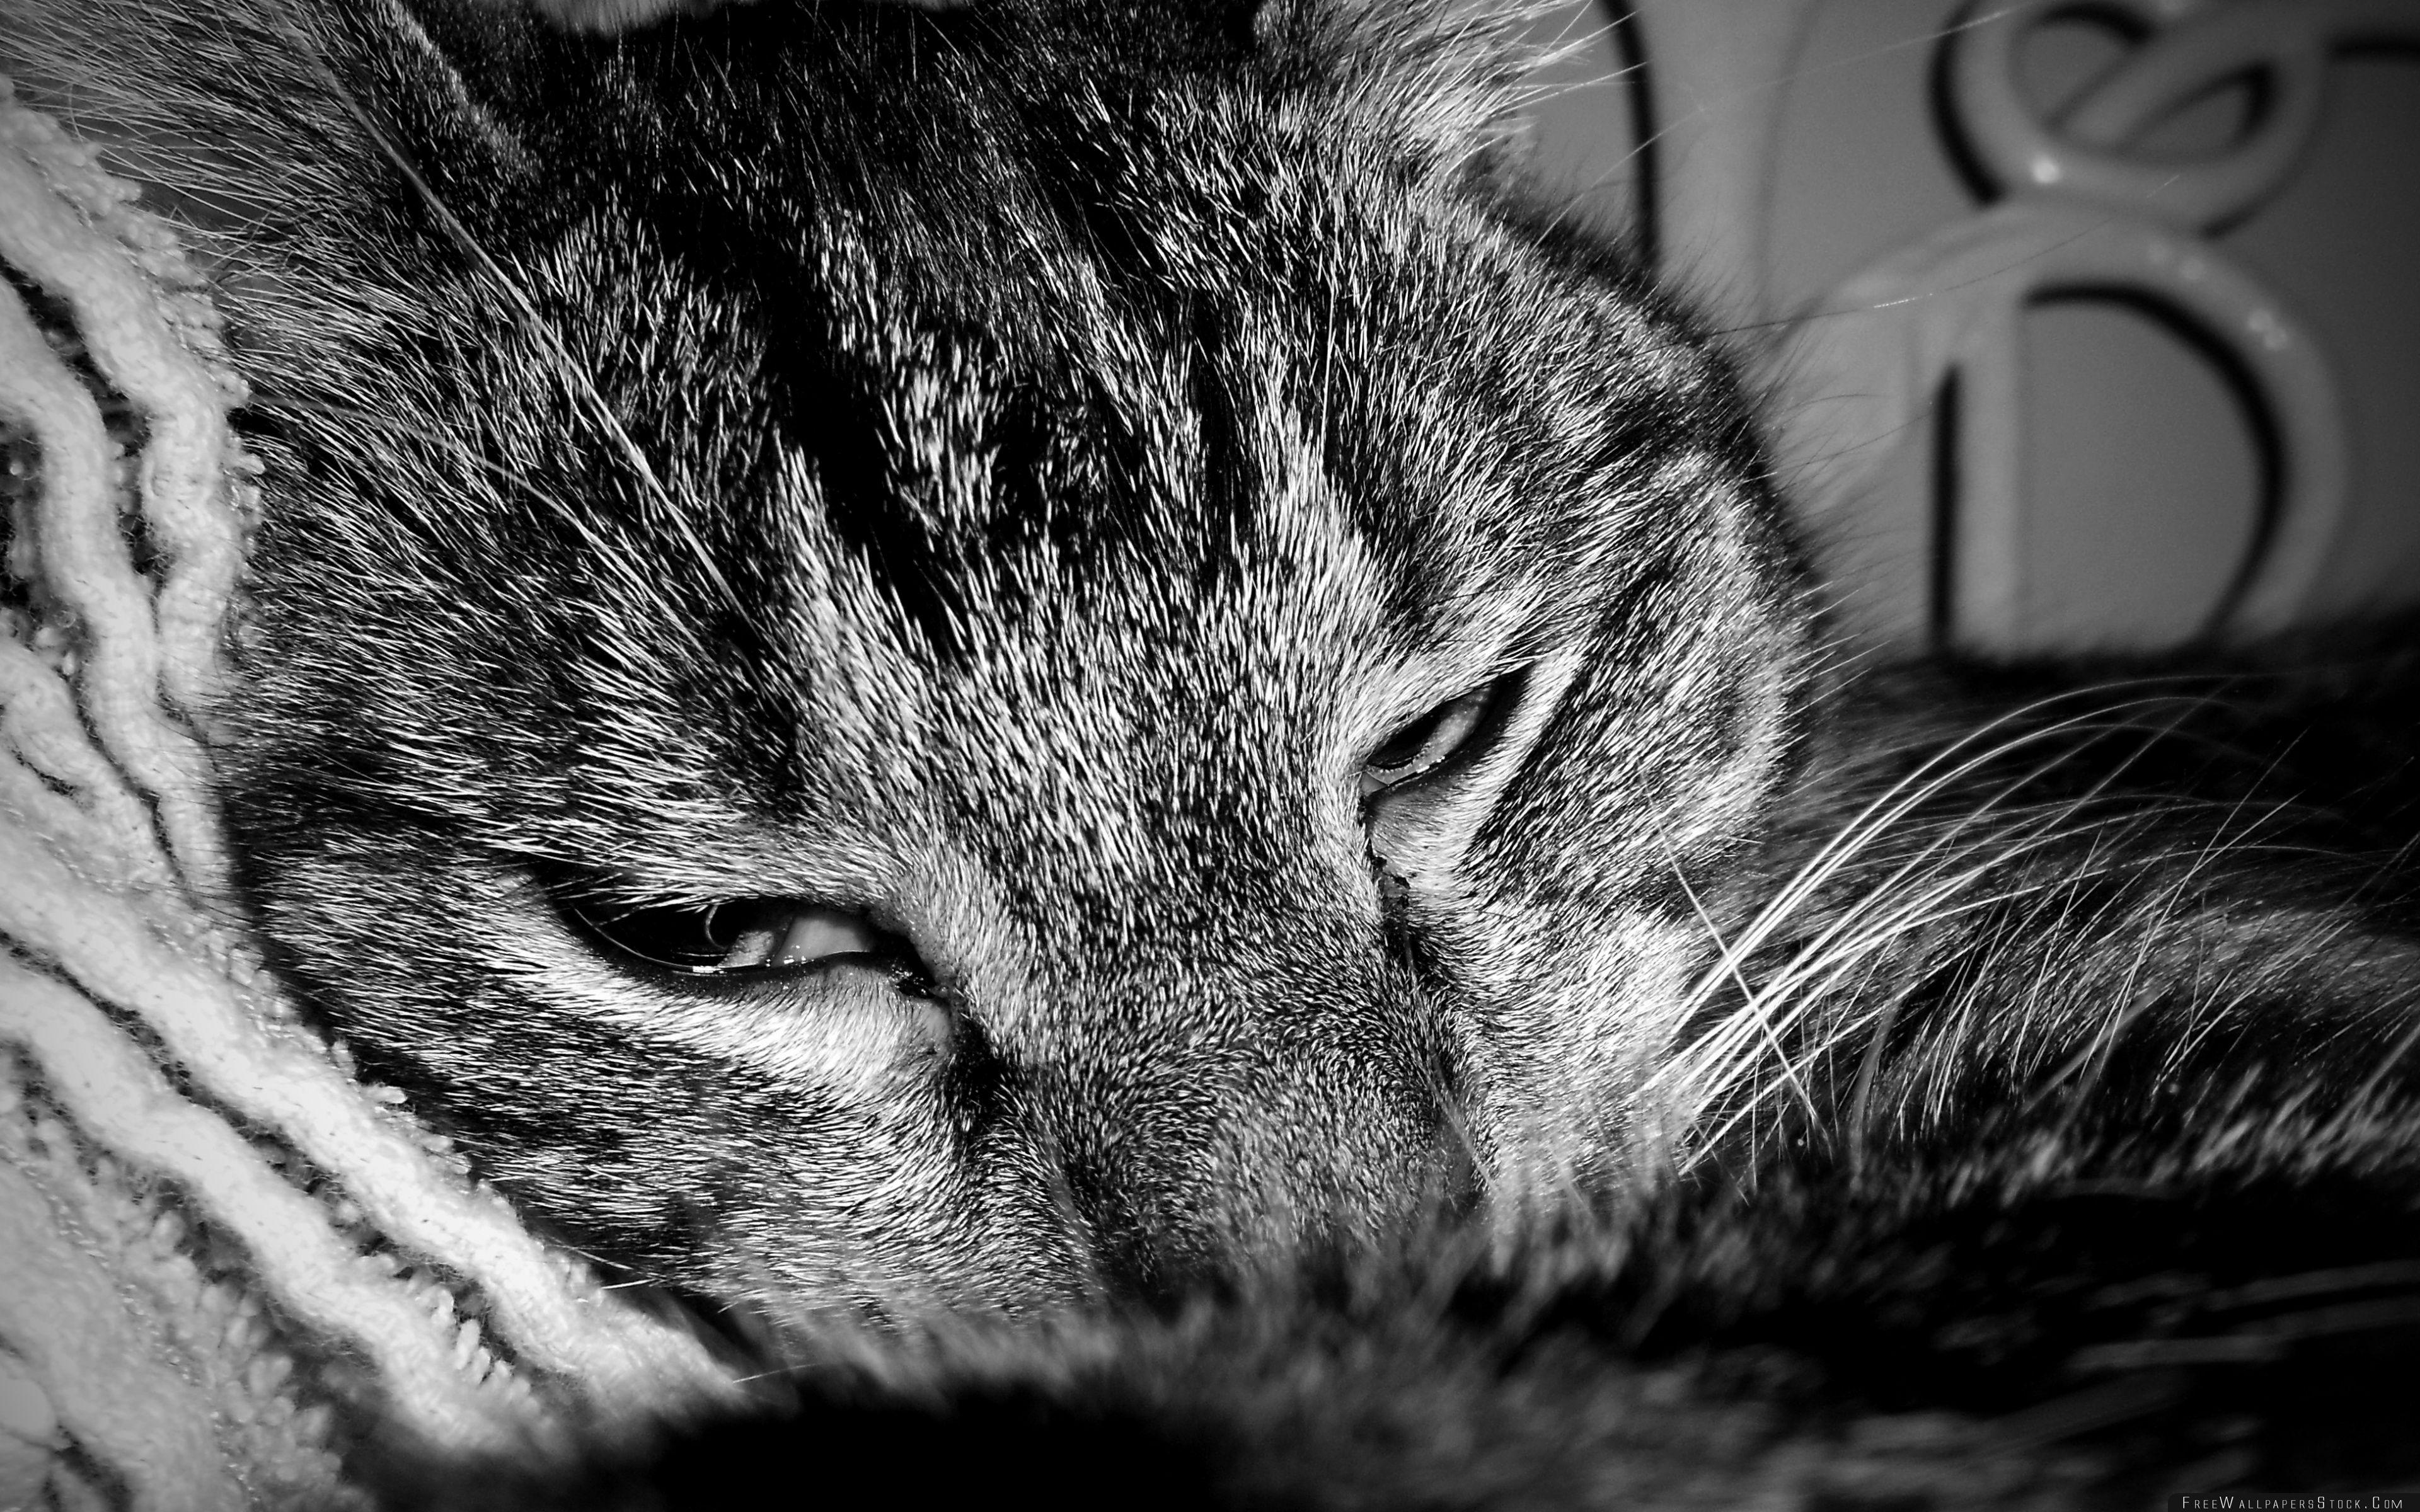 Download Free Wallpaper Sleepy Cat